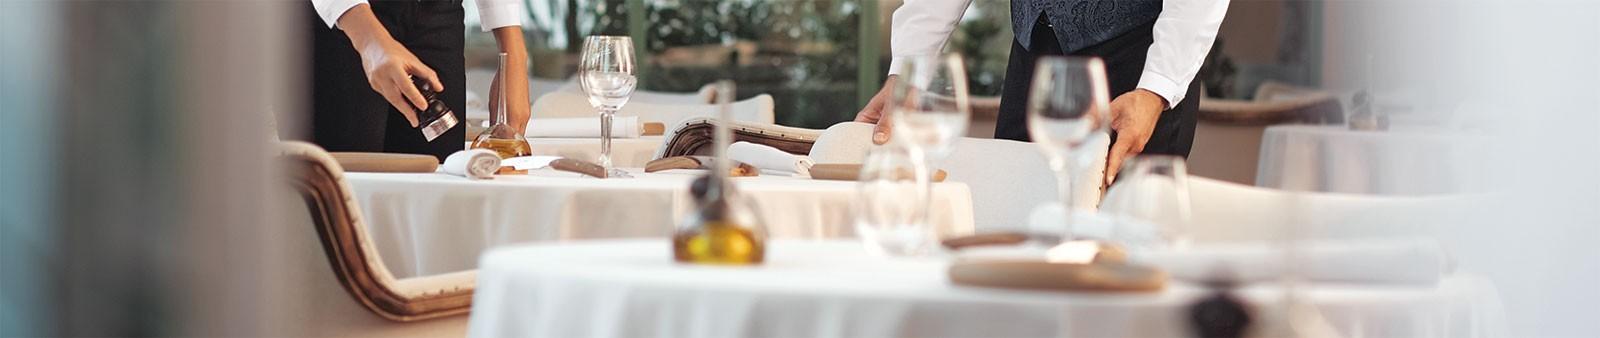 Arbeitsschuhe - Service & Hotellerie